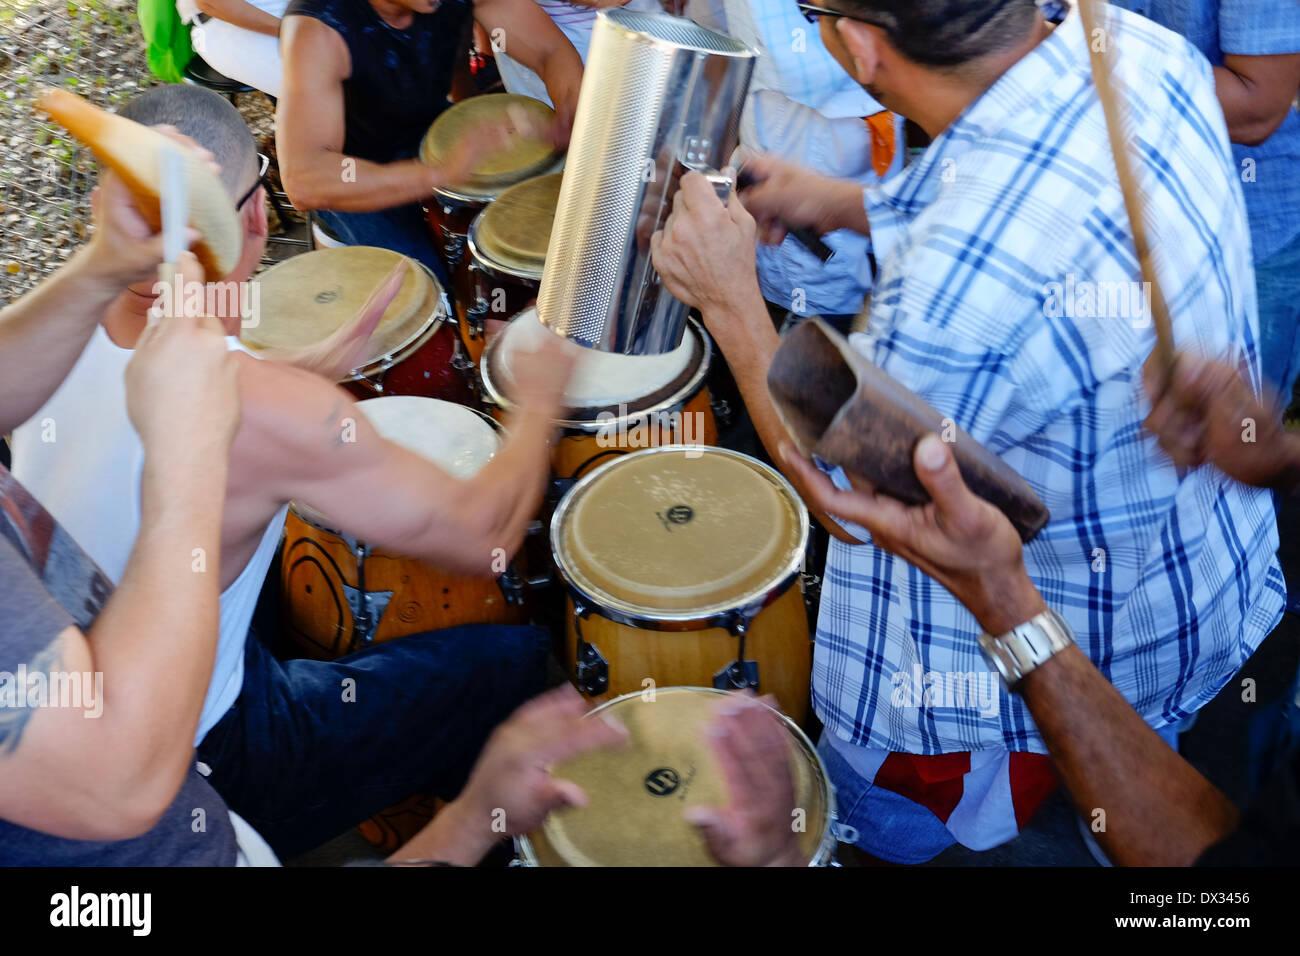 MIAMI - Marzo 9, 2014: banda di riproduzione di musica per le strade di calle 8 durante la trentasettesima Calle Ocho festival, un evento annuale che si svolge in otto Street in Little Havana con molta musica, cibo ed è il più grande partito in città che celebra eredità ispanica. Immagini Stock